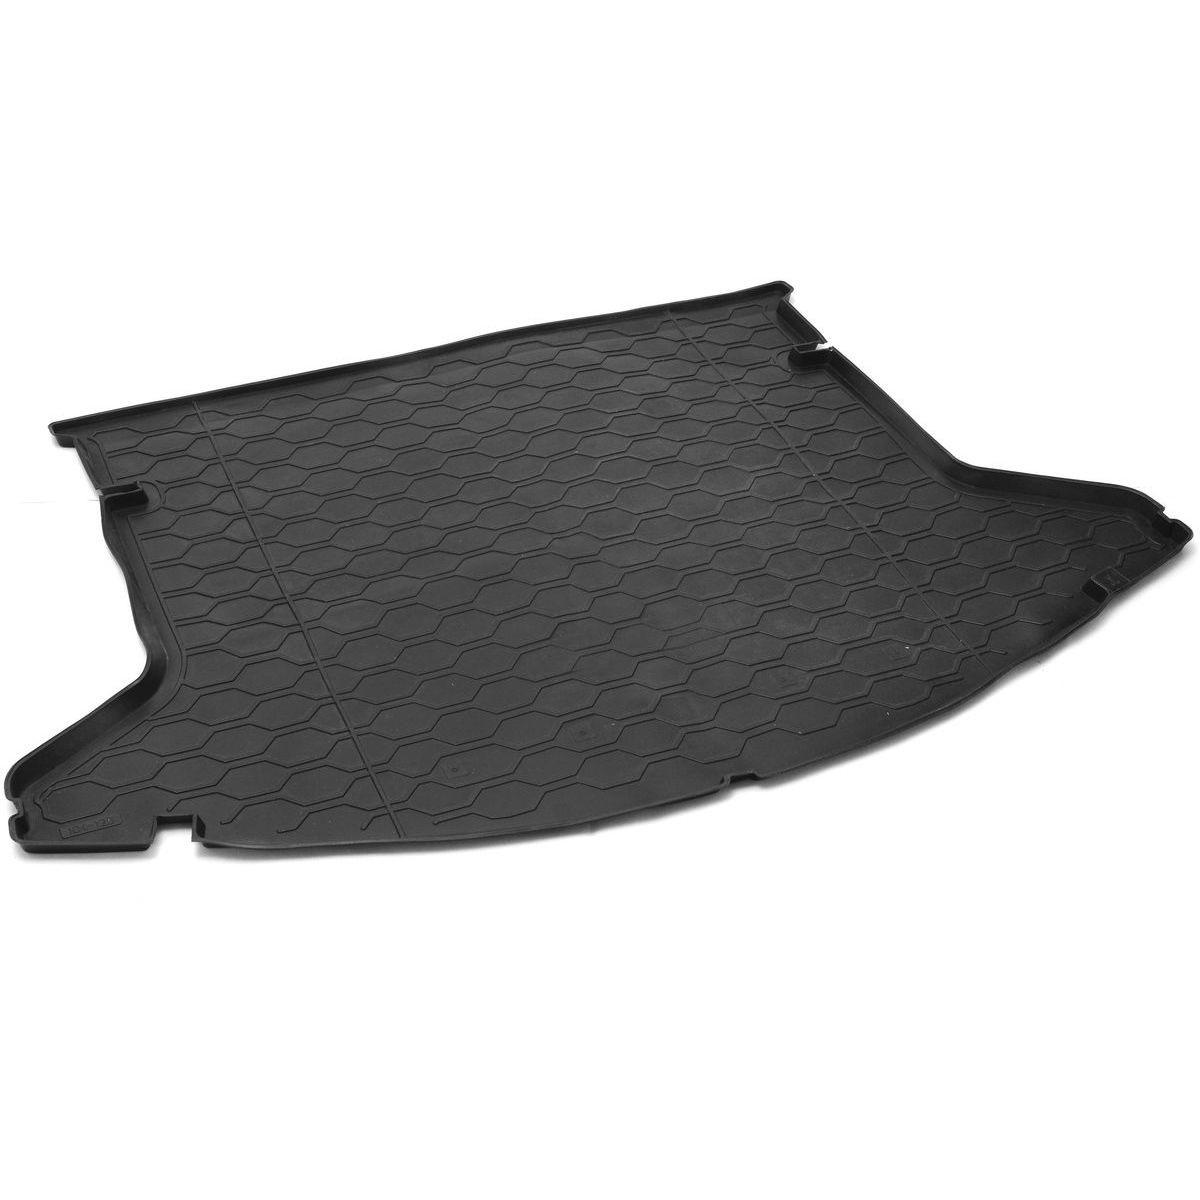 Коврик в багажник Rival для Mazda CX-5 2017-н.в., полиуритан, 1 шт. 1380300513803005Автомобильный коврик багажника RivalКоврик багажника позволяет надежно защитить и сохранить от грязи багажный отсек вашего автомобиля на протяжении всего срока эксплуатации, полностью повторяют геометрию багажника.- Высокий борт специальной конструкции препятствует попаданию разлившейся жидкости и грязи на внутреннюю отделку.- Произведены из первичных материалов, в результате чего отсутствует неприятный запах в салоне автомобиля.- Рисунок обеспечивает противоскользящую поверхность, благодаря которой перевозимые предметы не перекатываются в багажном отделении, а остаются на своих местах.- Высокая эластичность, можно беспрепятственно эксплуатировать при температуре от -45 ?C до +45 ?C.- Изготовлены из высококачественного и экологичного материала, не подверженного воздействию кислот, щелочей и нефтепродуктов. Уважаемые клиенты!Обращаем ваше внимание, что коврик имеет форму соответствующую модели данного автомобиля. Фото служит для визуального восприятия товара.